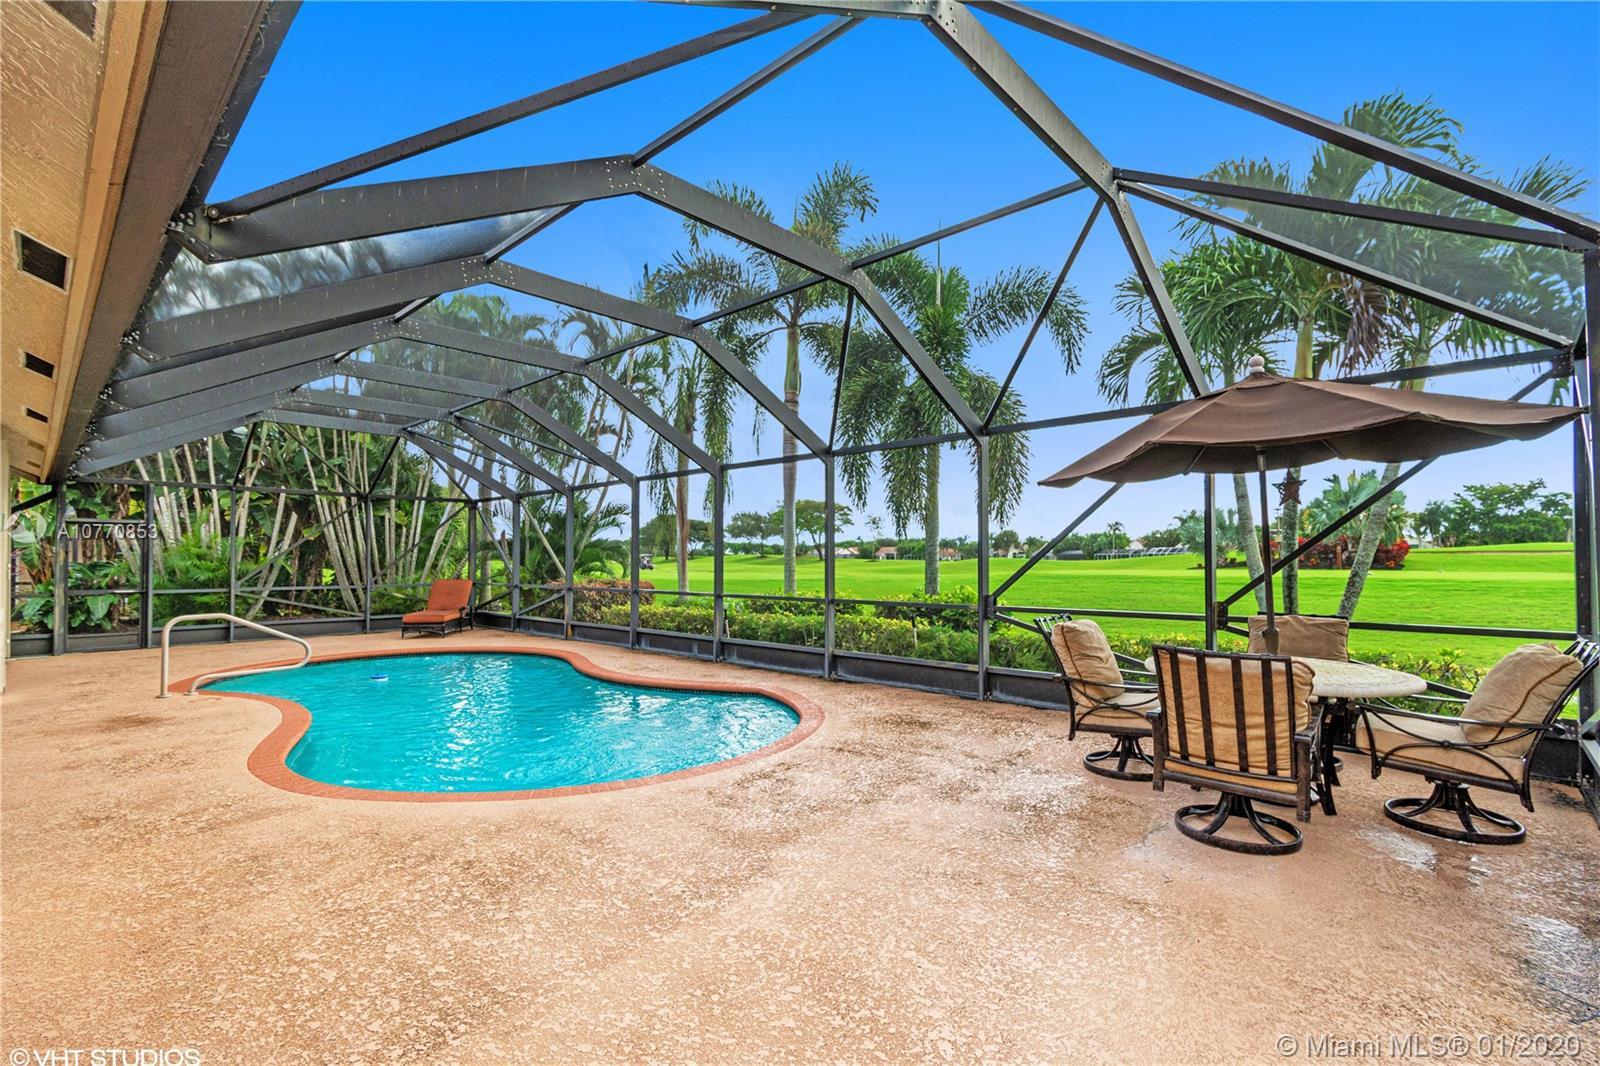 7764 Dorchester Rd, Boynton Beach, FL 33472